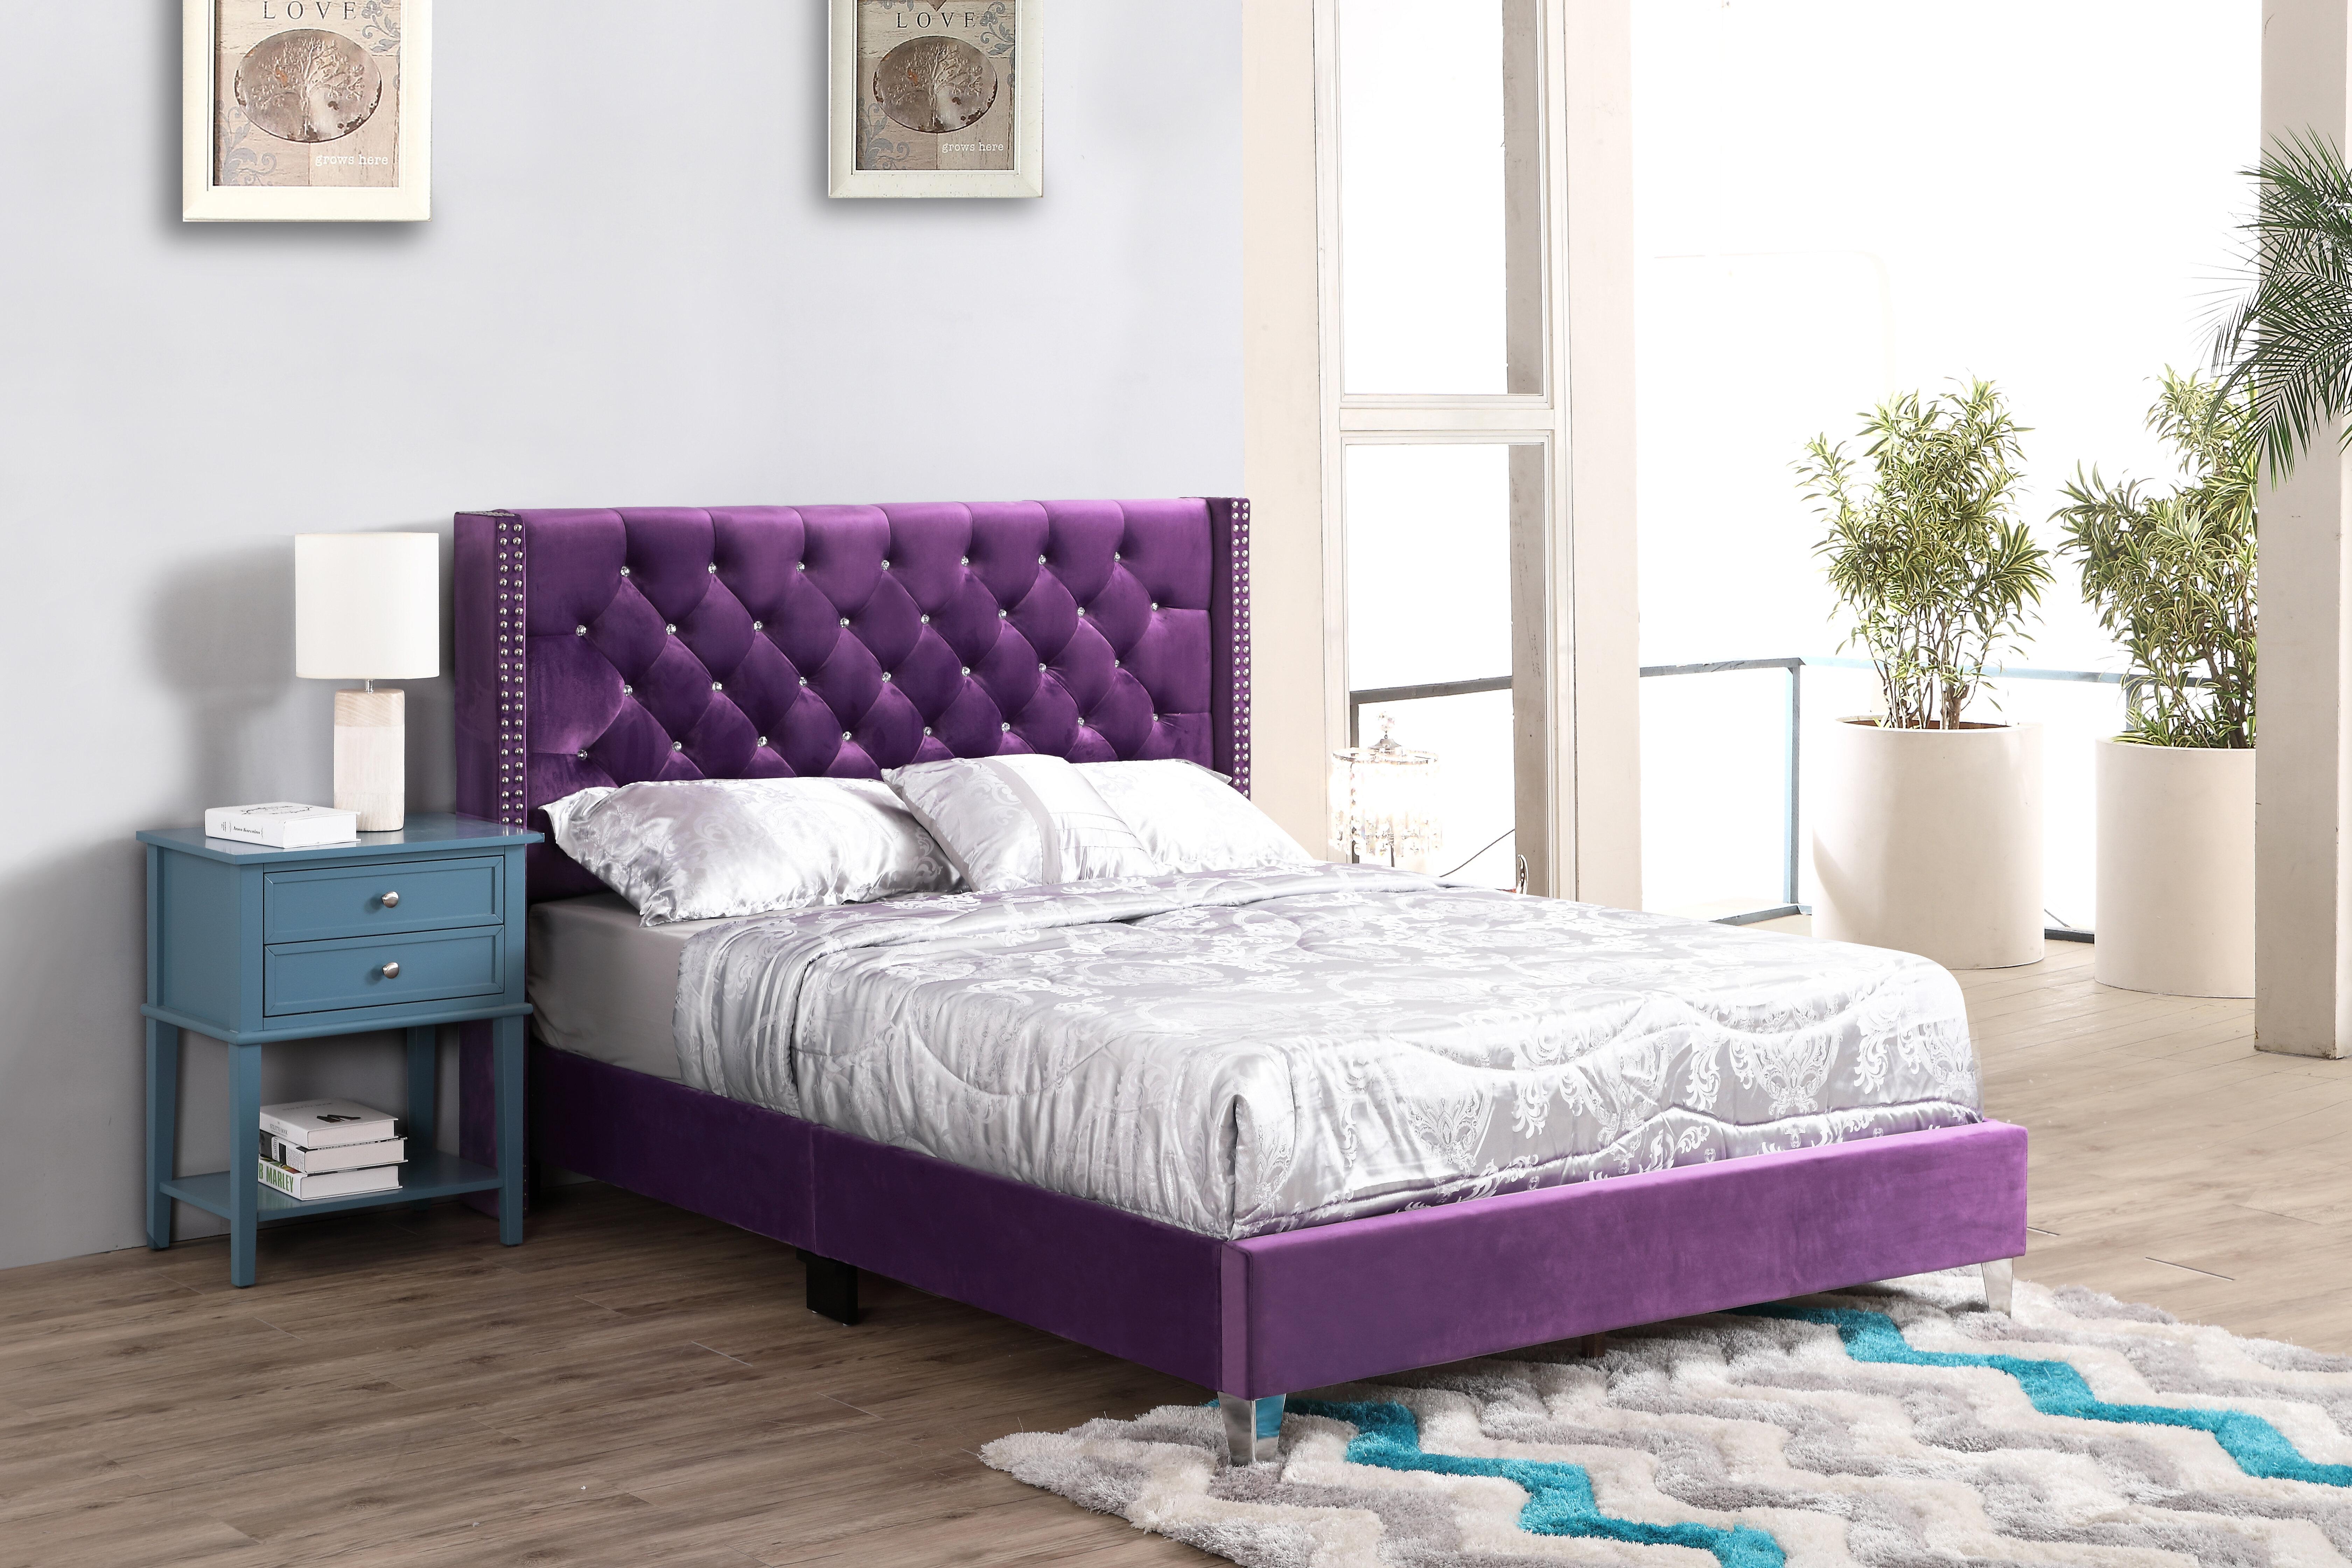 Upholstered Purple Velvet Beds You Ll Love In 2021 Wayfair